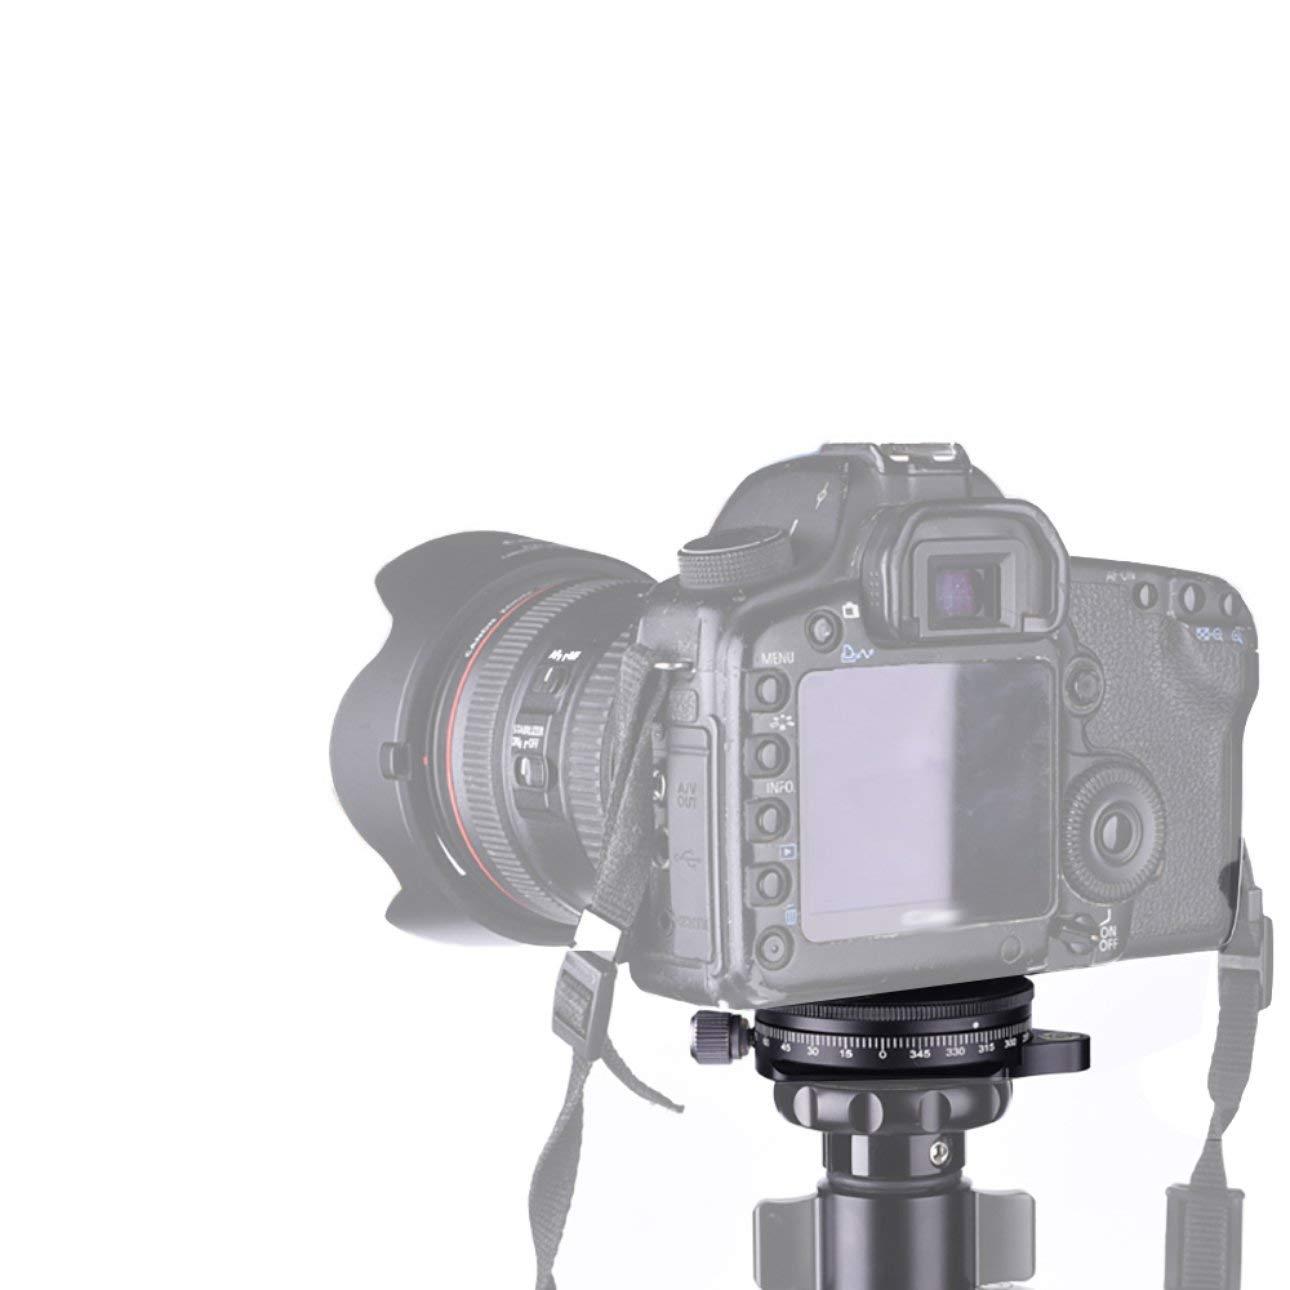 Ballylelly FC-60 Aleaci/ón de Aluminio Rotaci/ón de 360 Grados Panorama R/ótula para c/ámara Tr/ípode Placa giratoria Placa Base